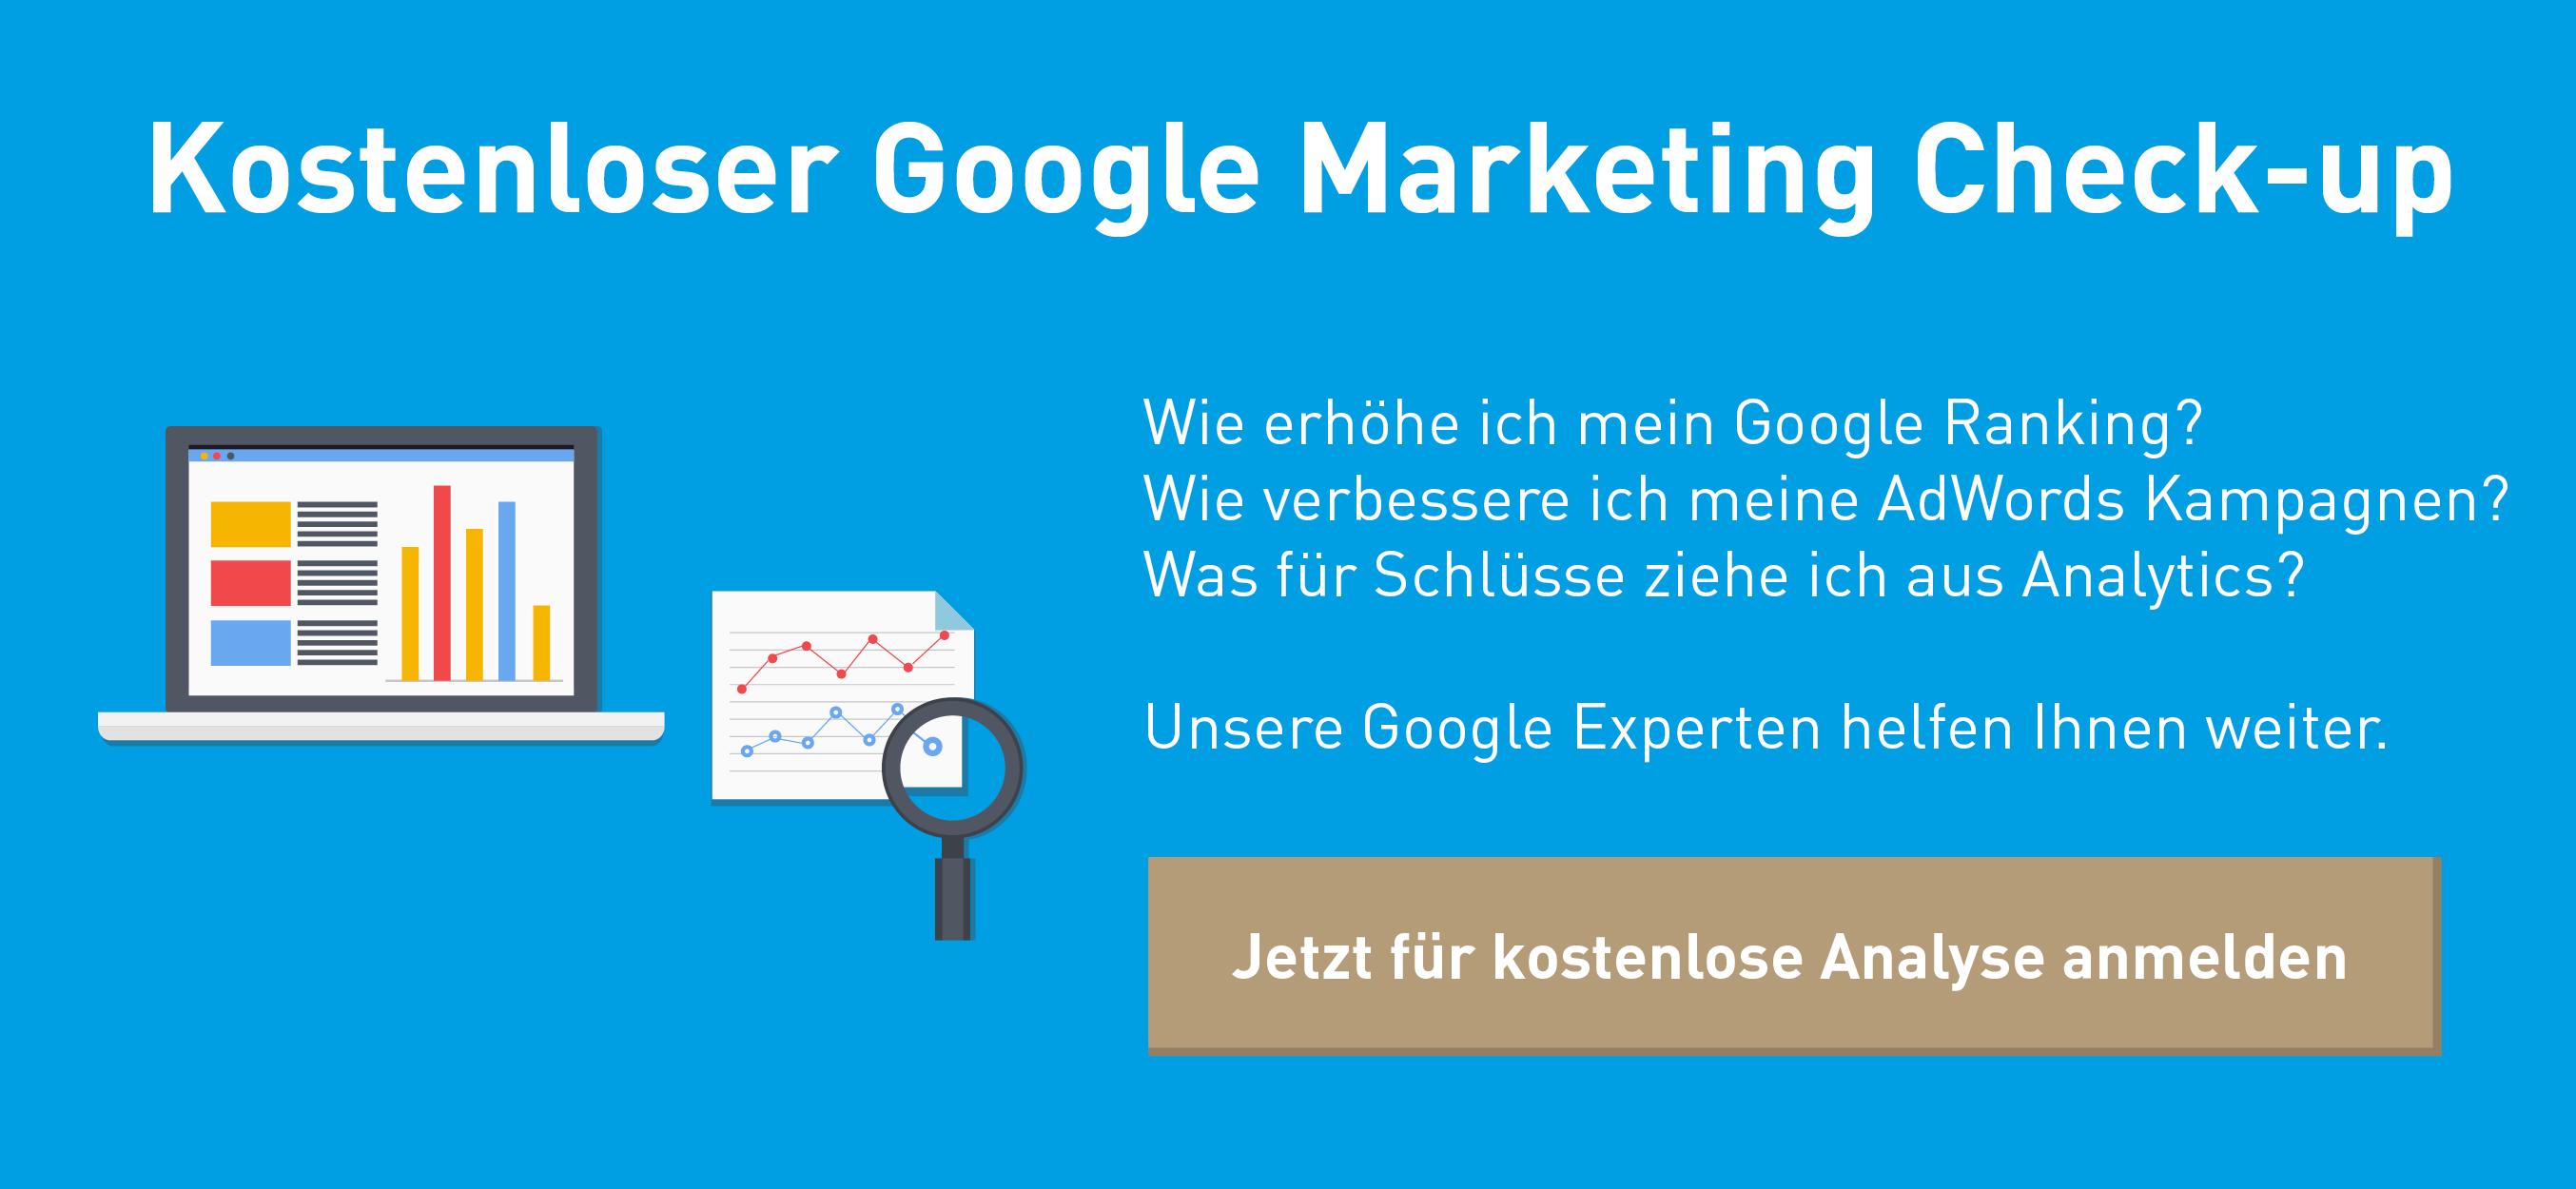 Anmeldung für kostenlosen Google Marketing Check-up